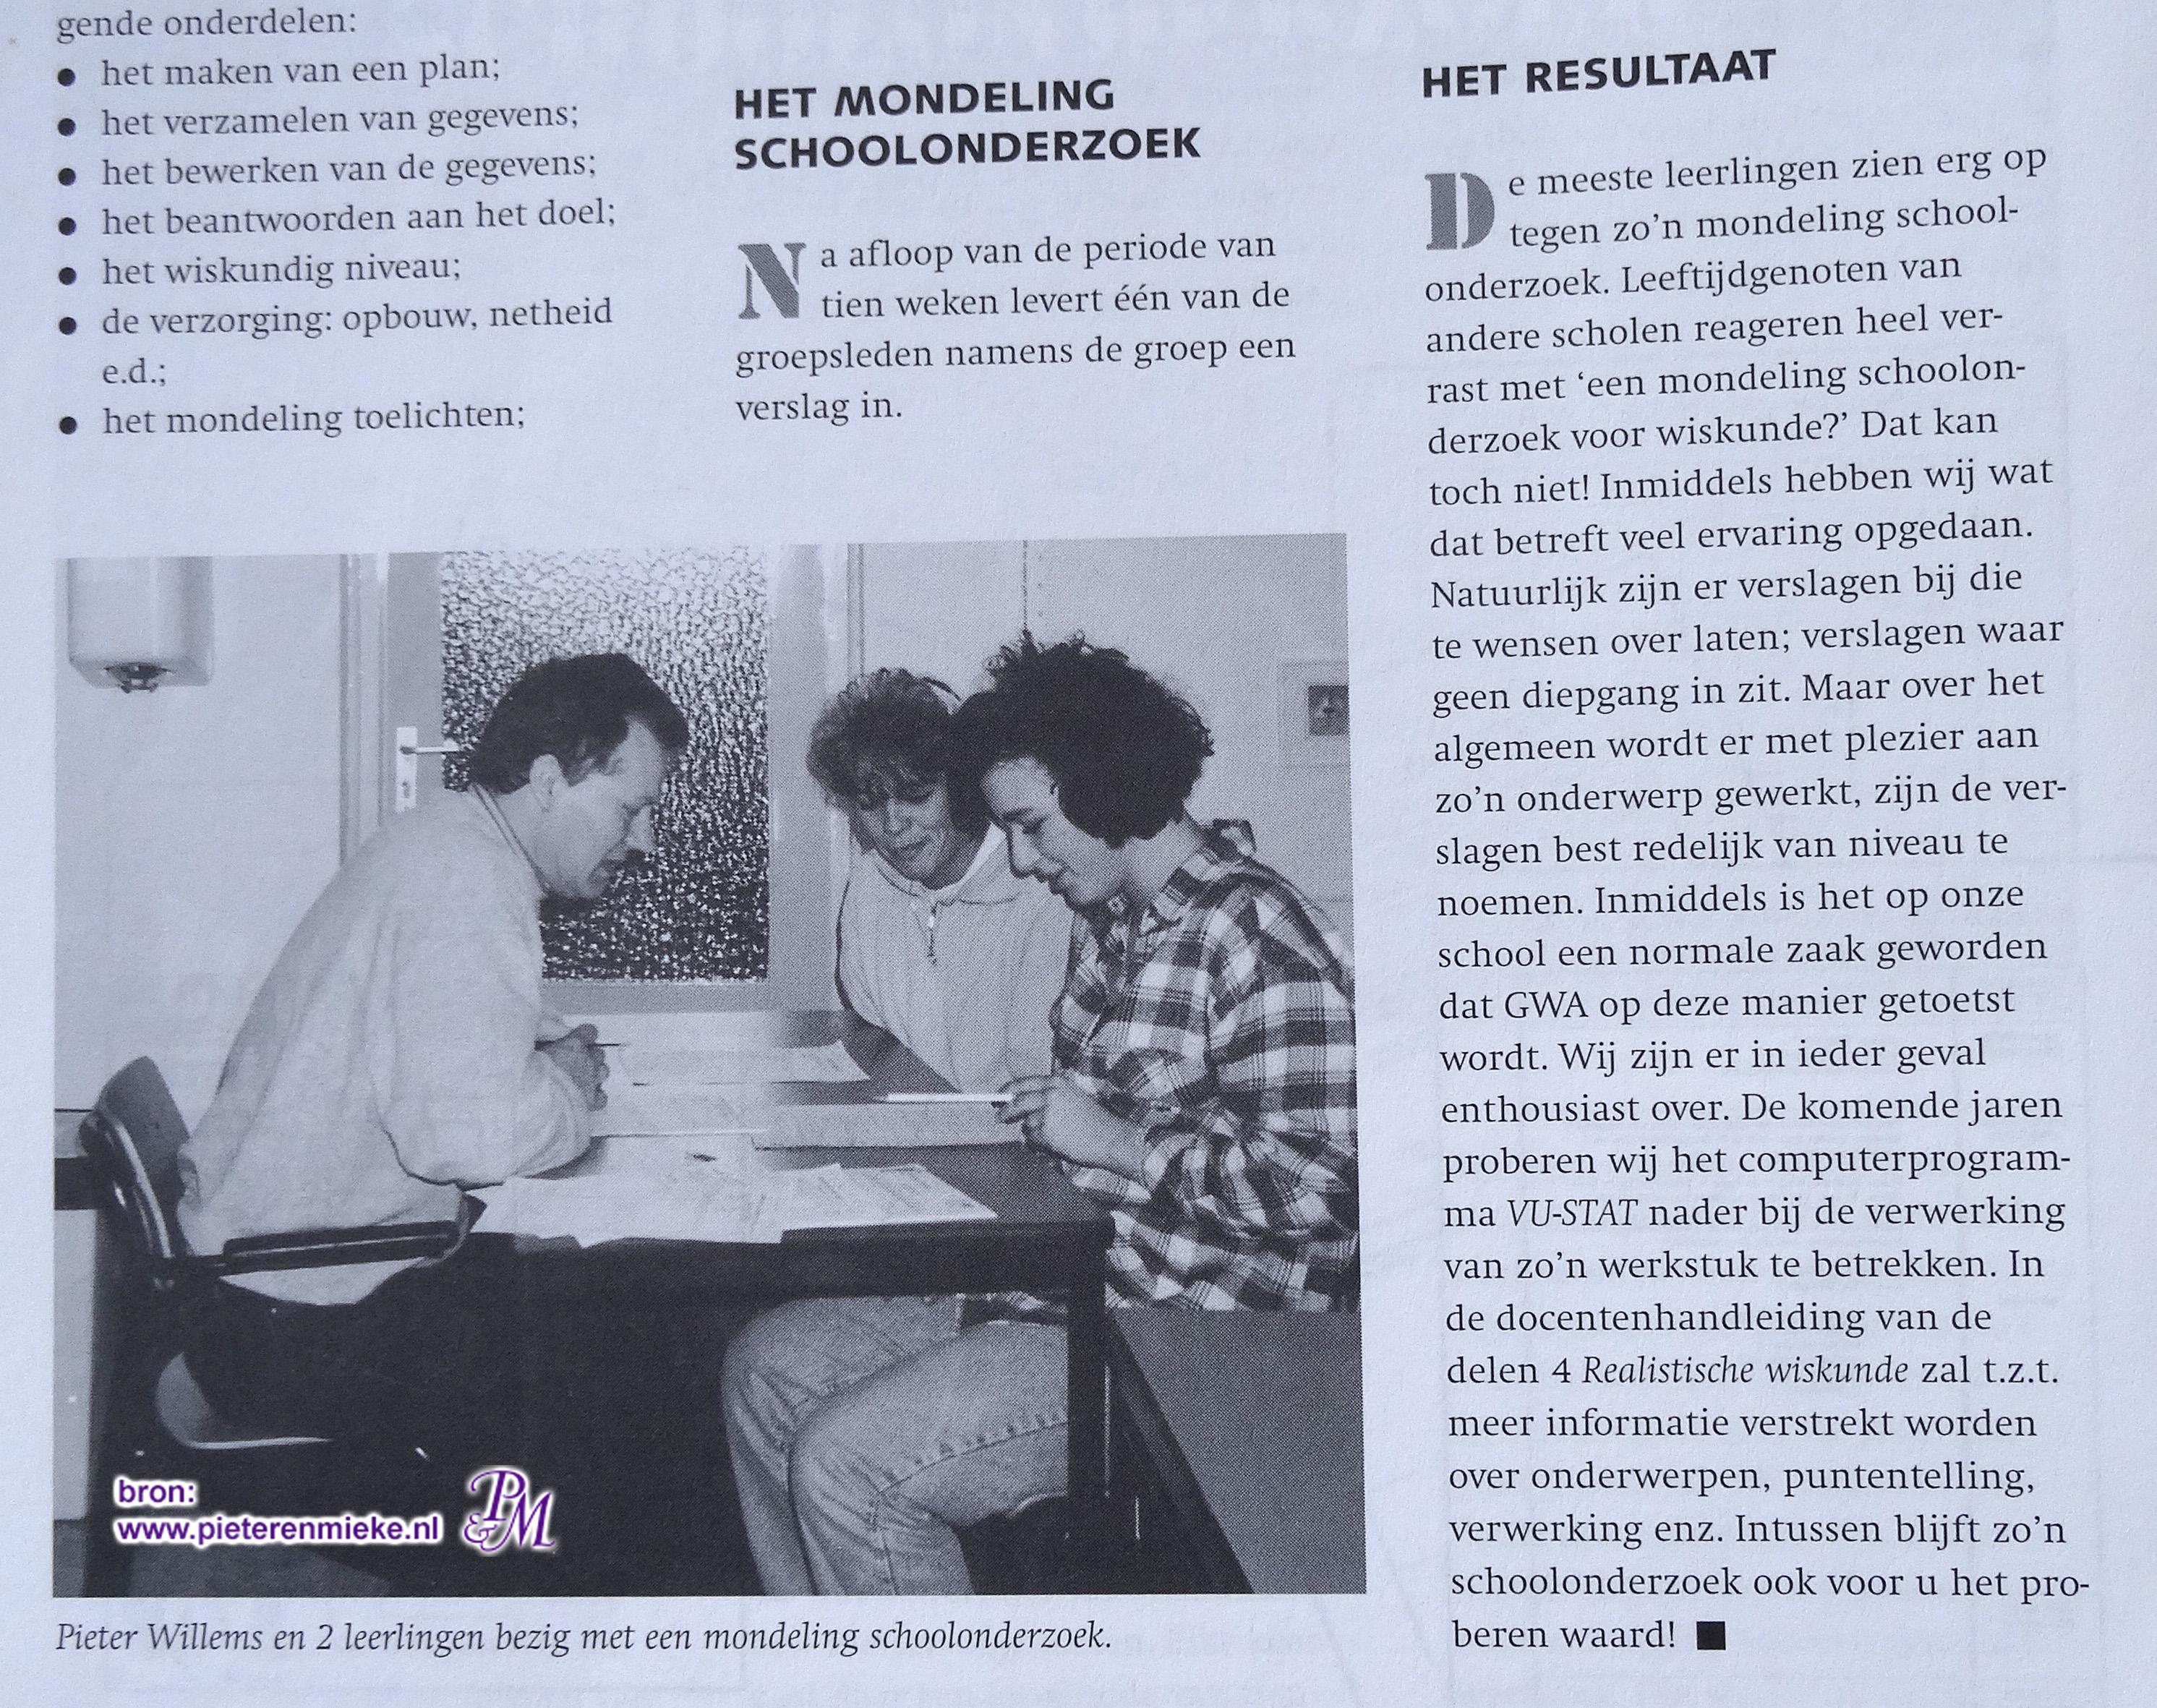 Afname van een mondeling schoolonderzoek wiskunde in 1996 in het kader van het project W 12-16 onder regie van het APS.